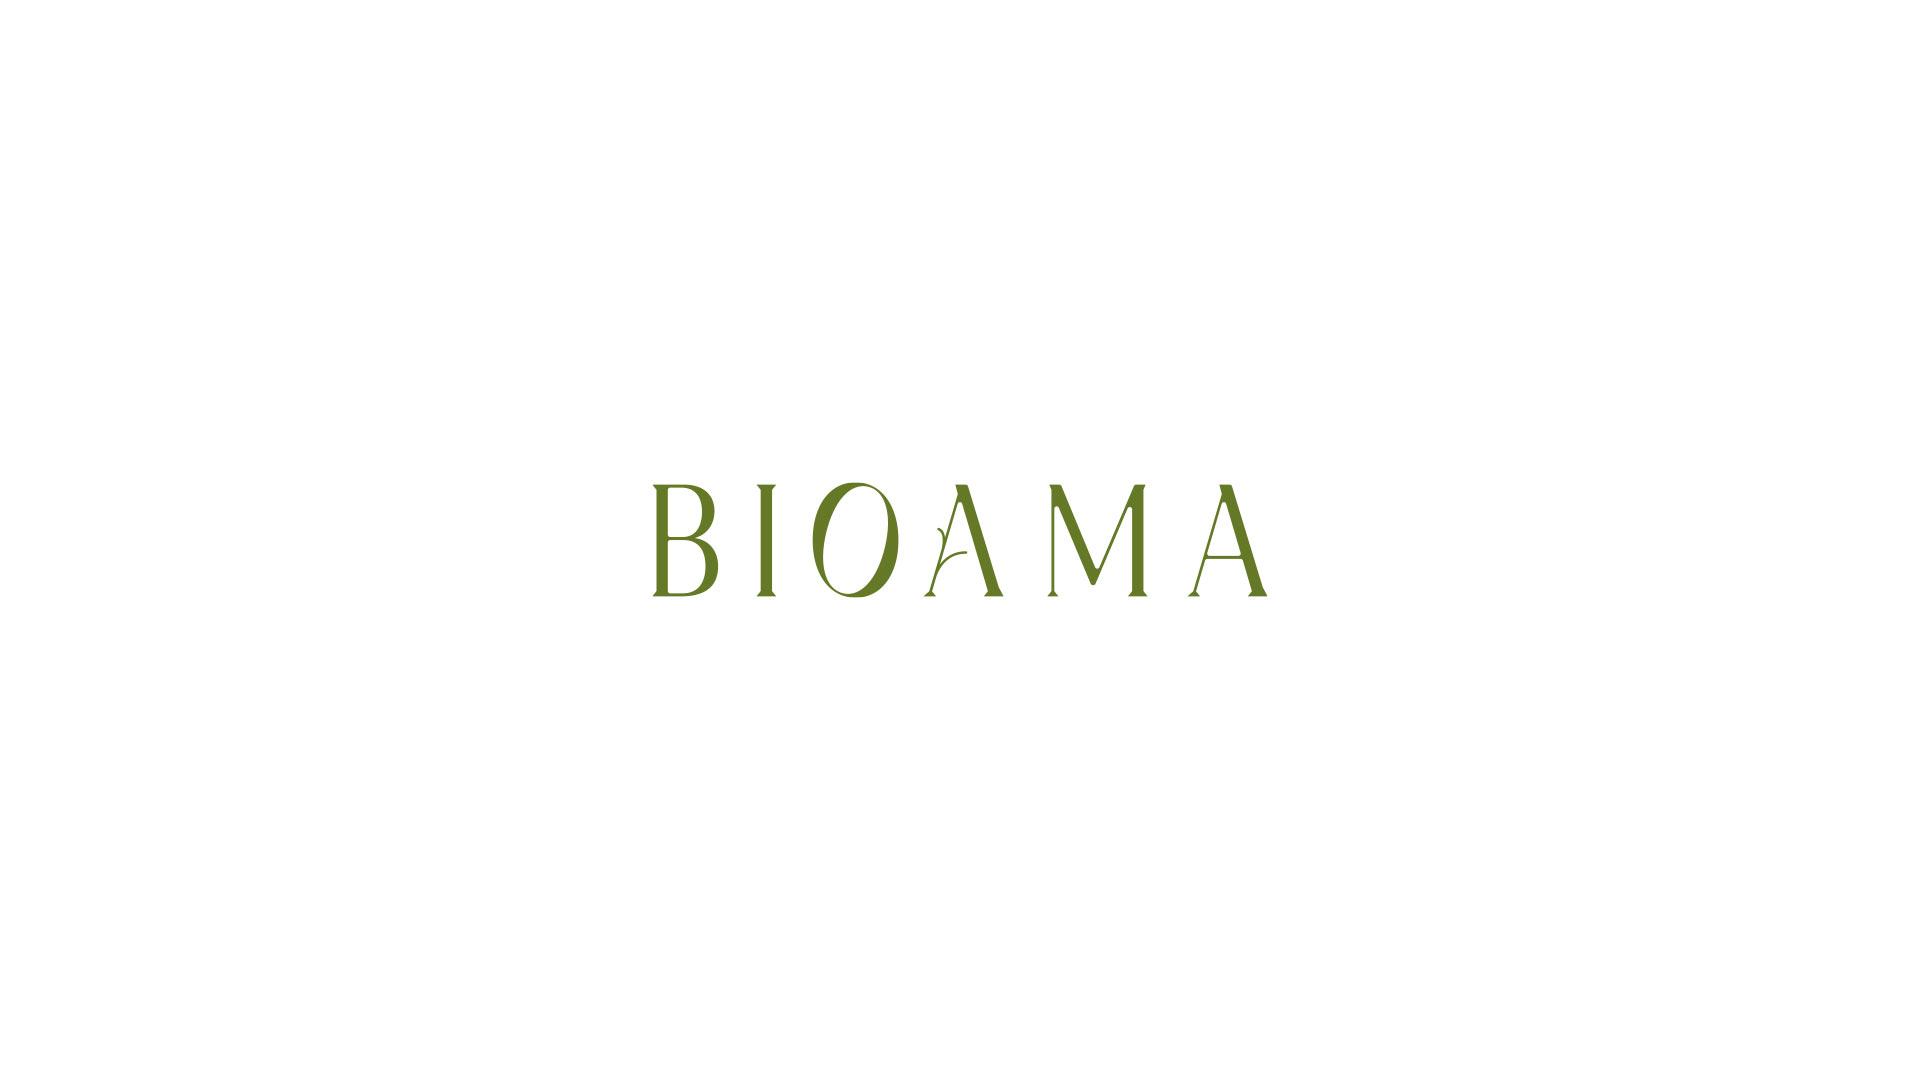 00 bioama logotipo grafico milano